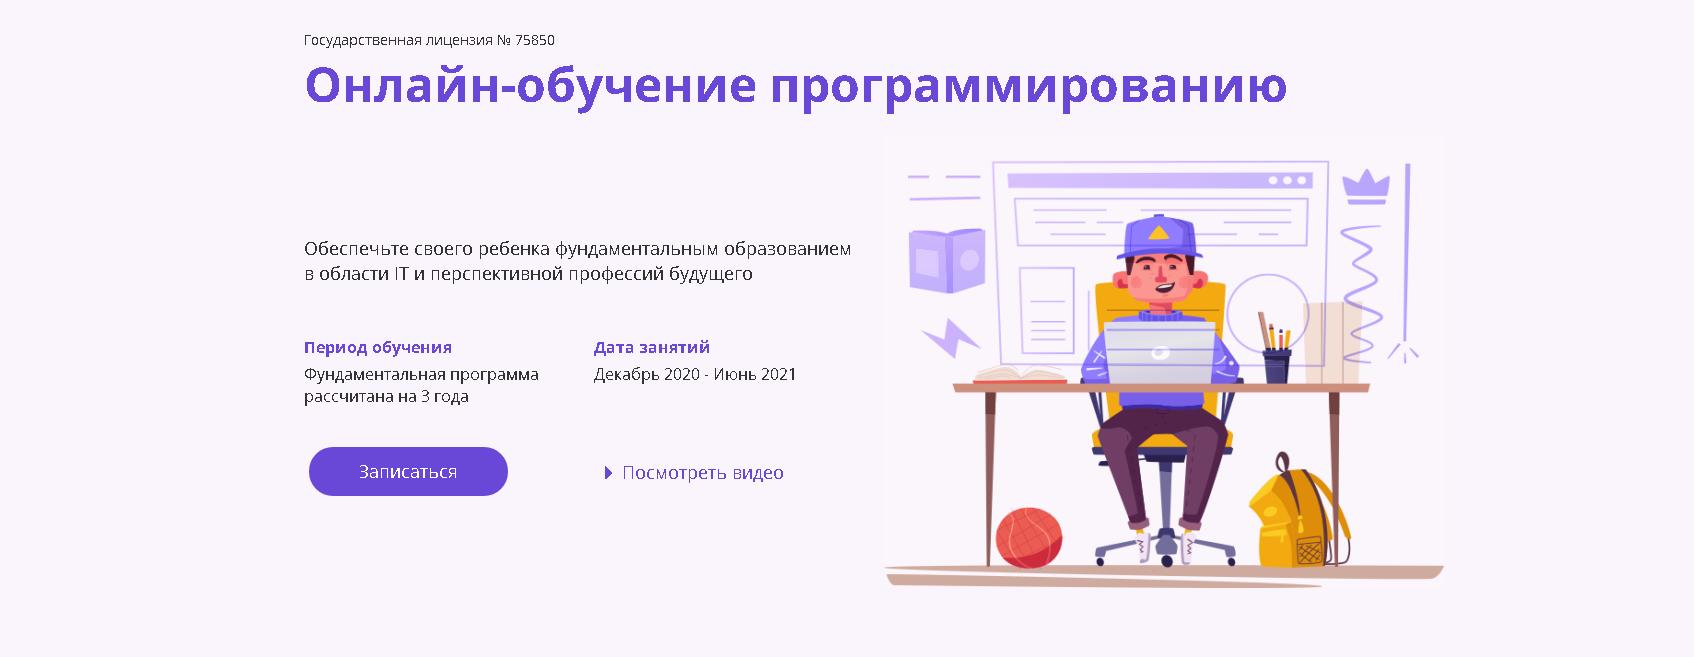 Школа программистов